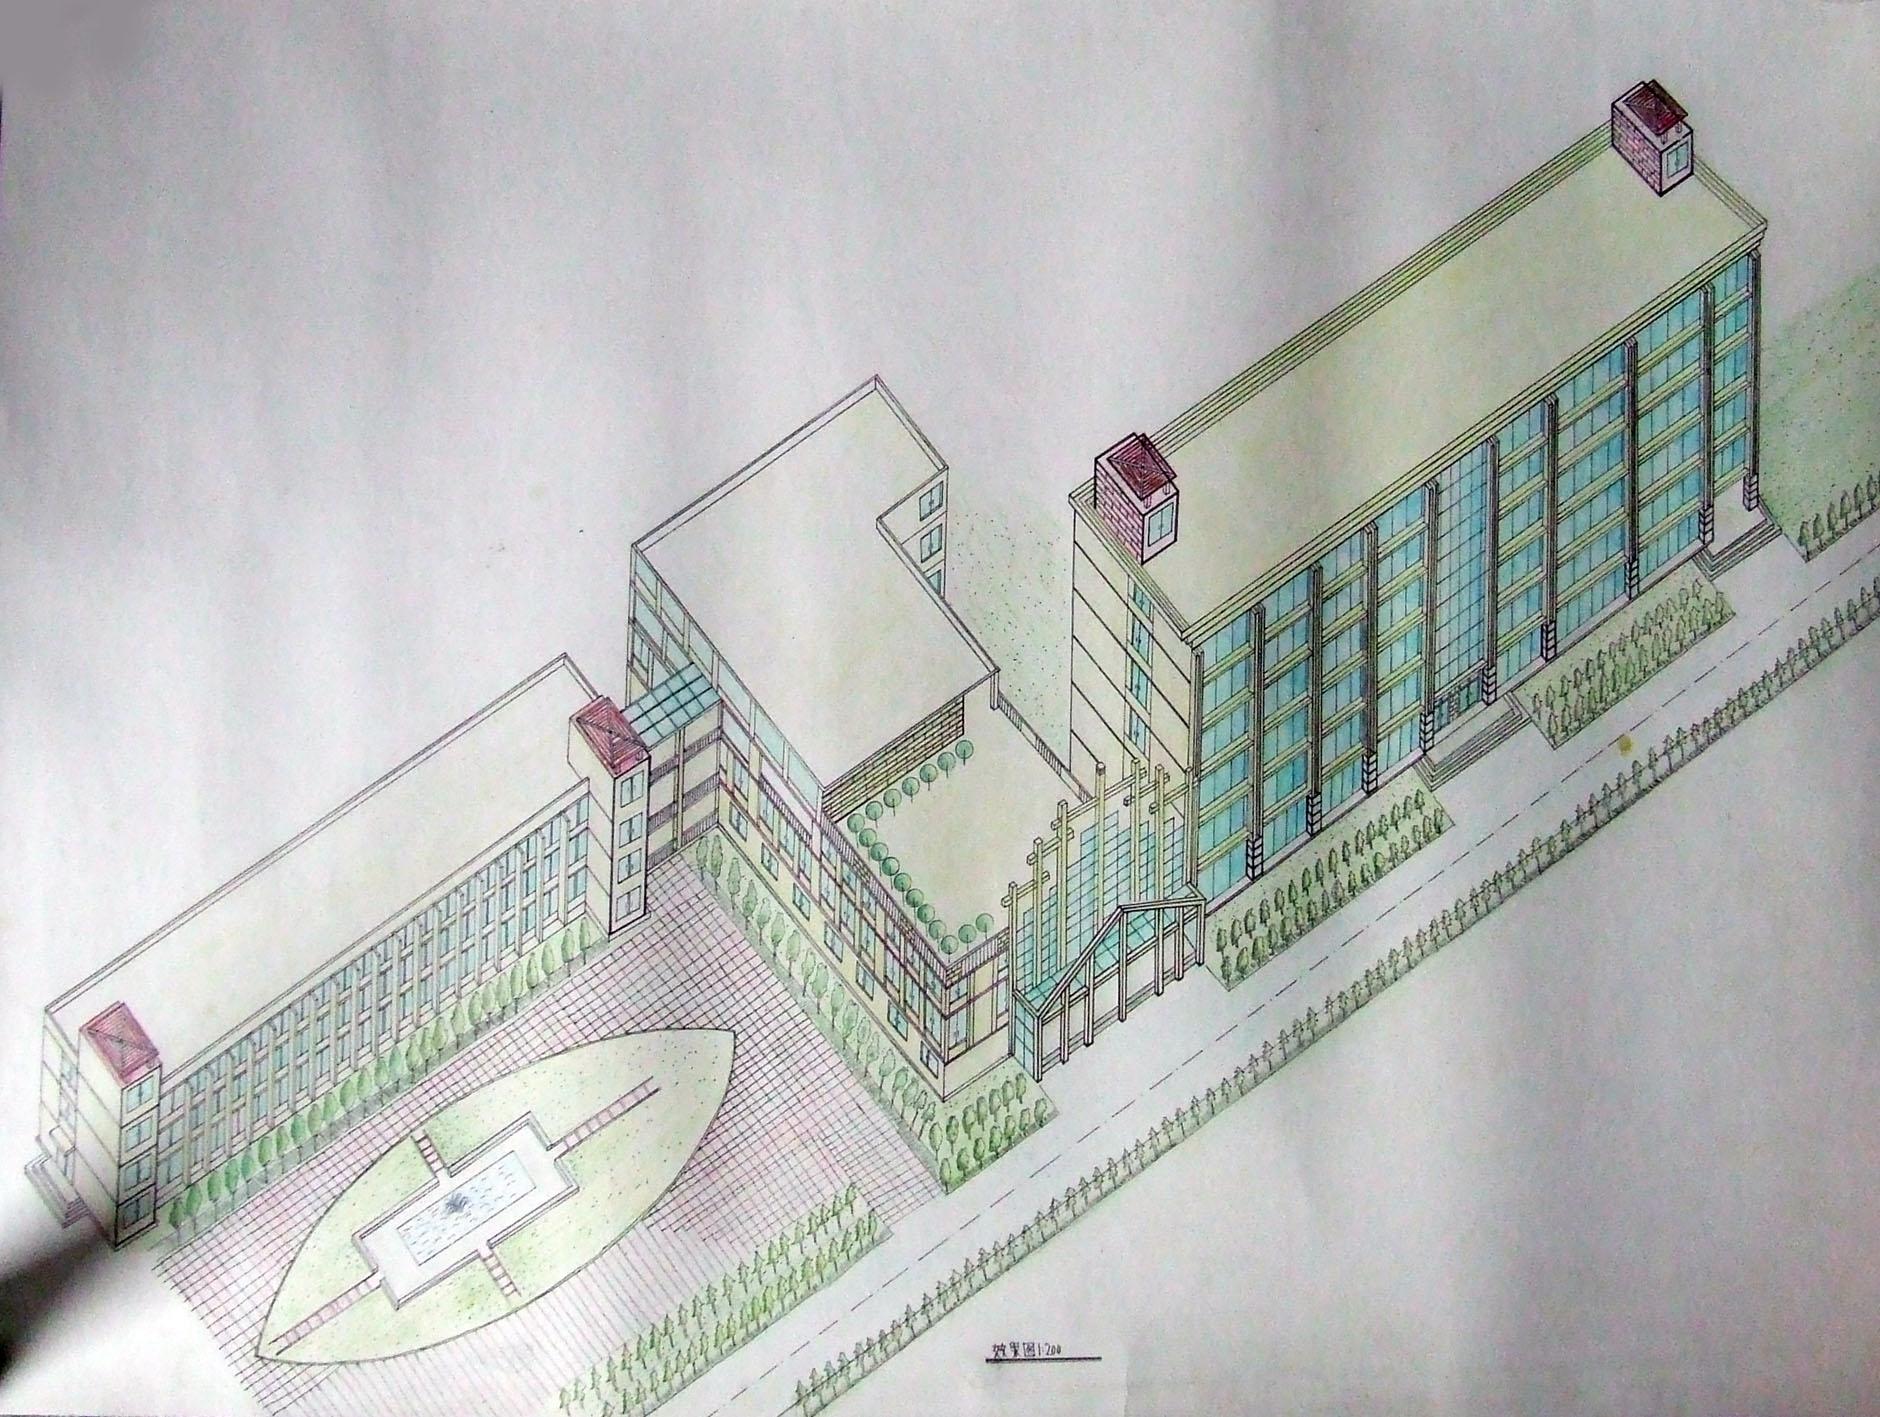 教学楼建筑设计手绘分享展示